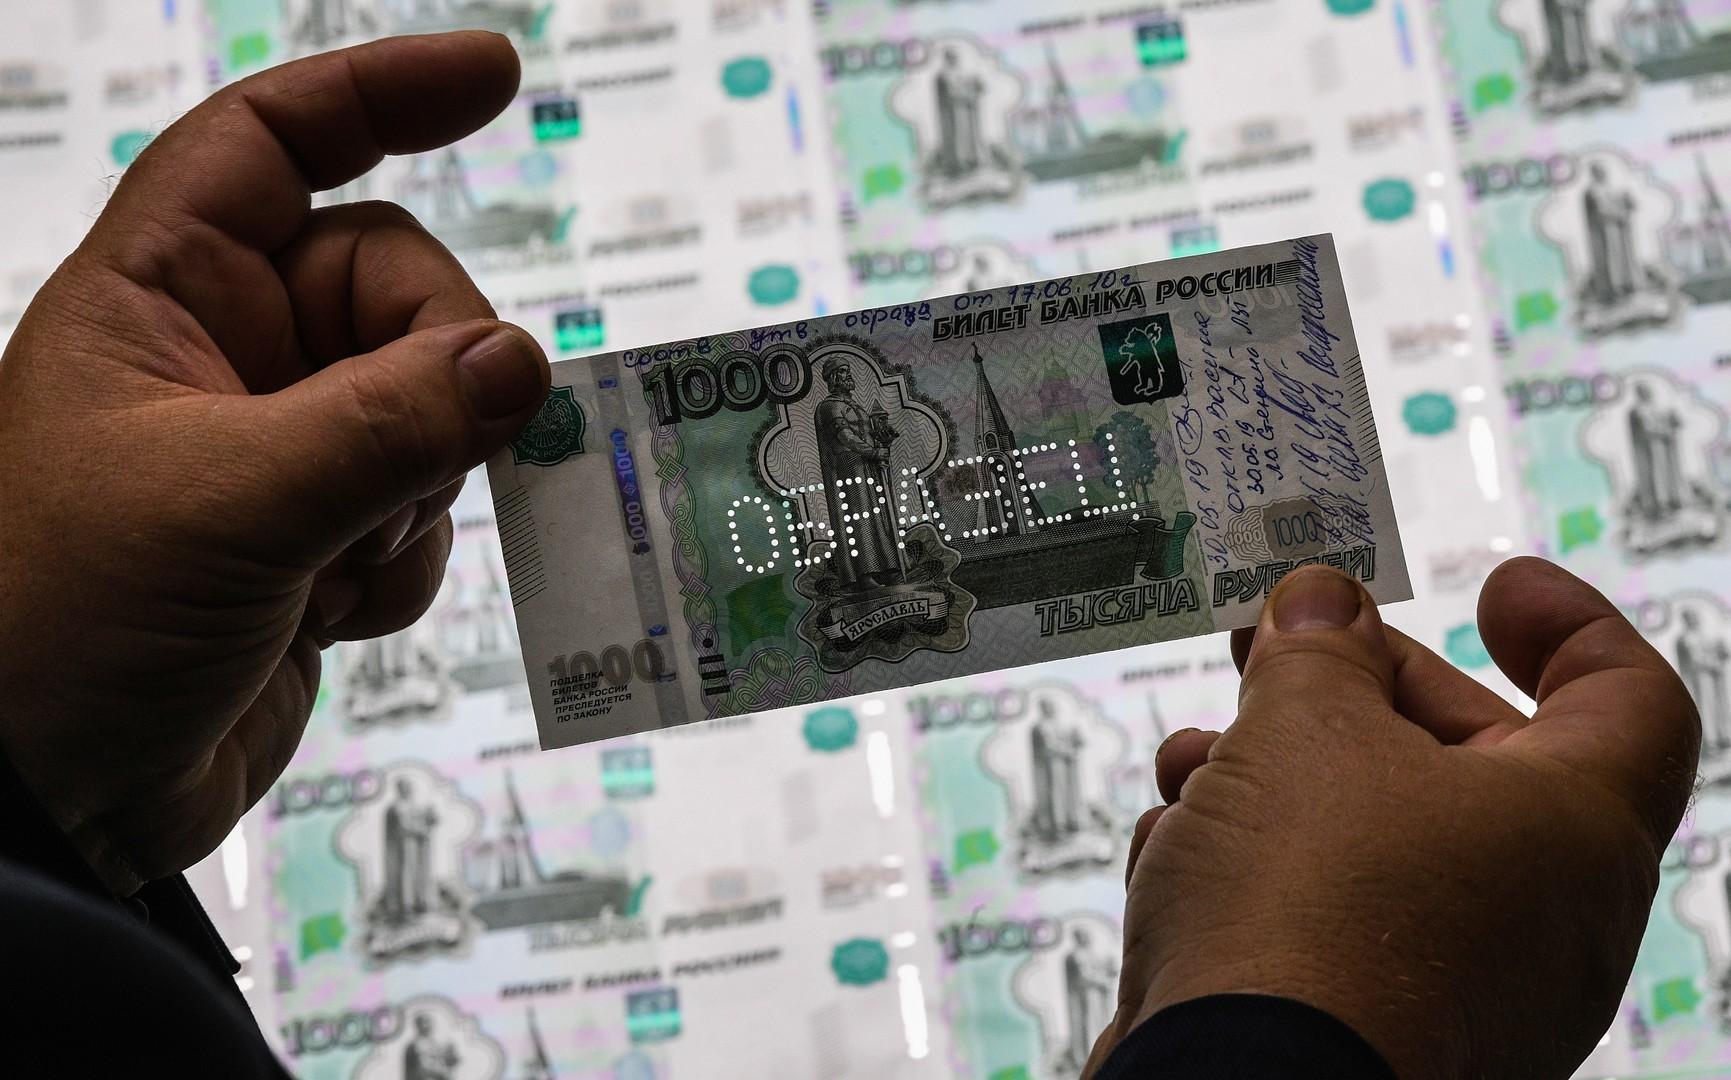 بوتين: الدخل ينمو بوتيرة إيجابية لكن الديناميكية ككل غير مرضية